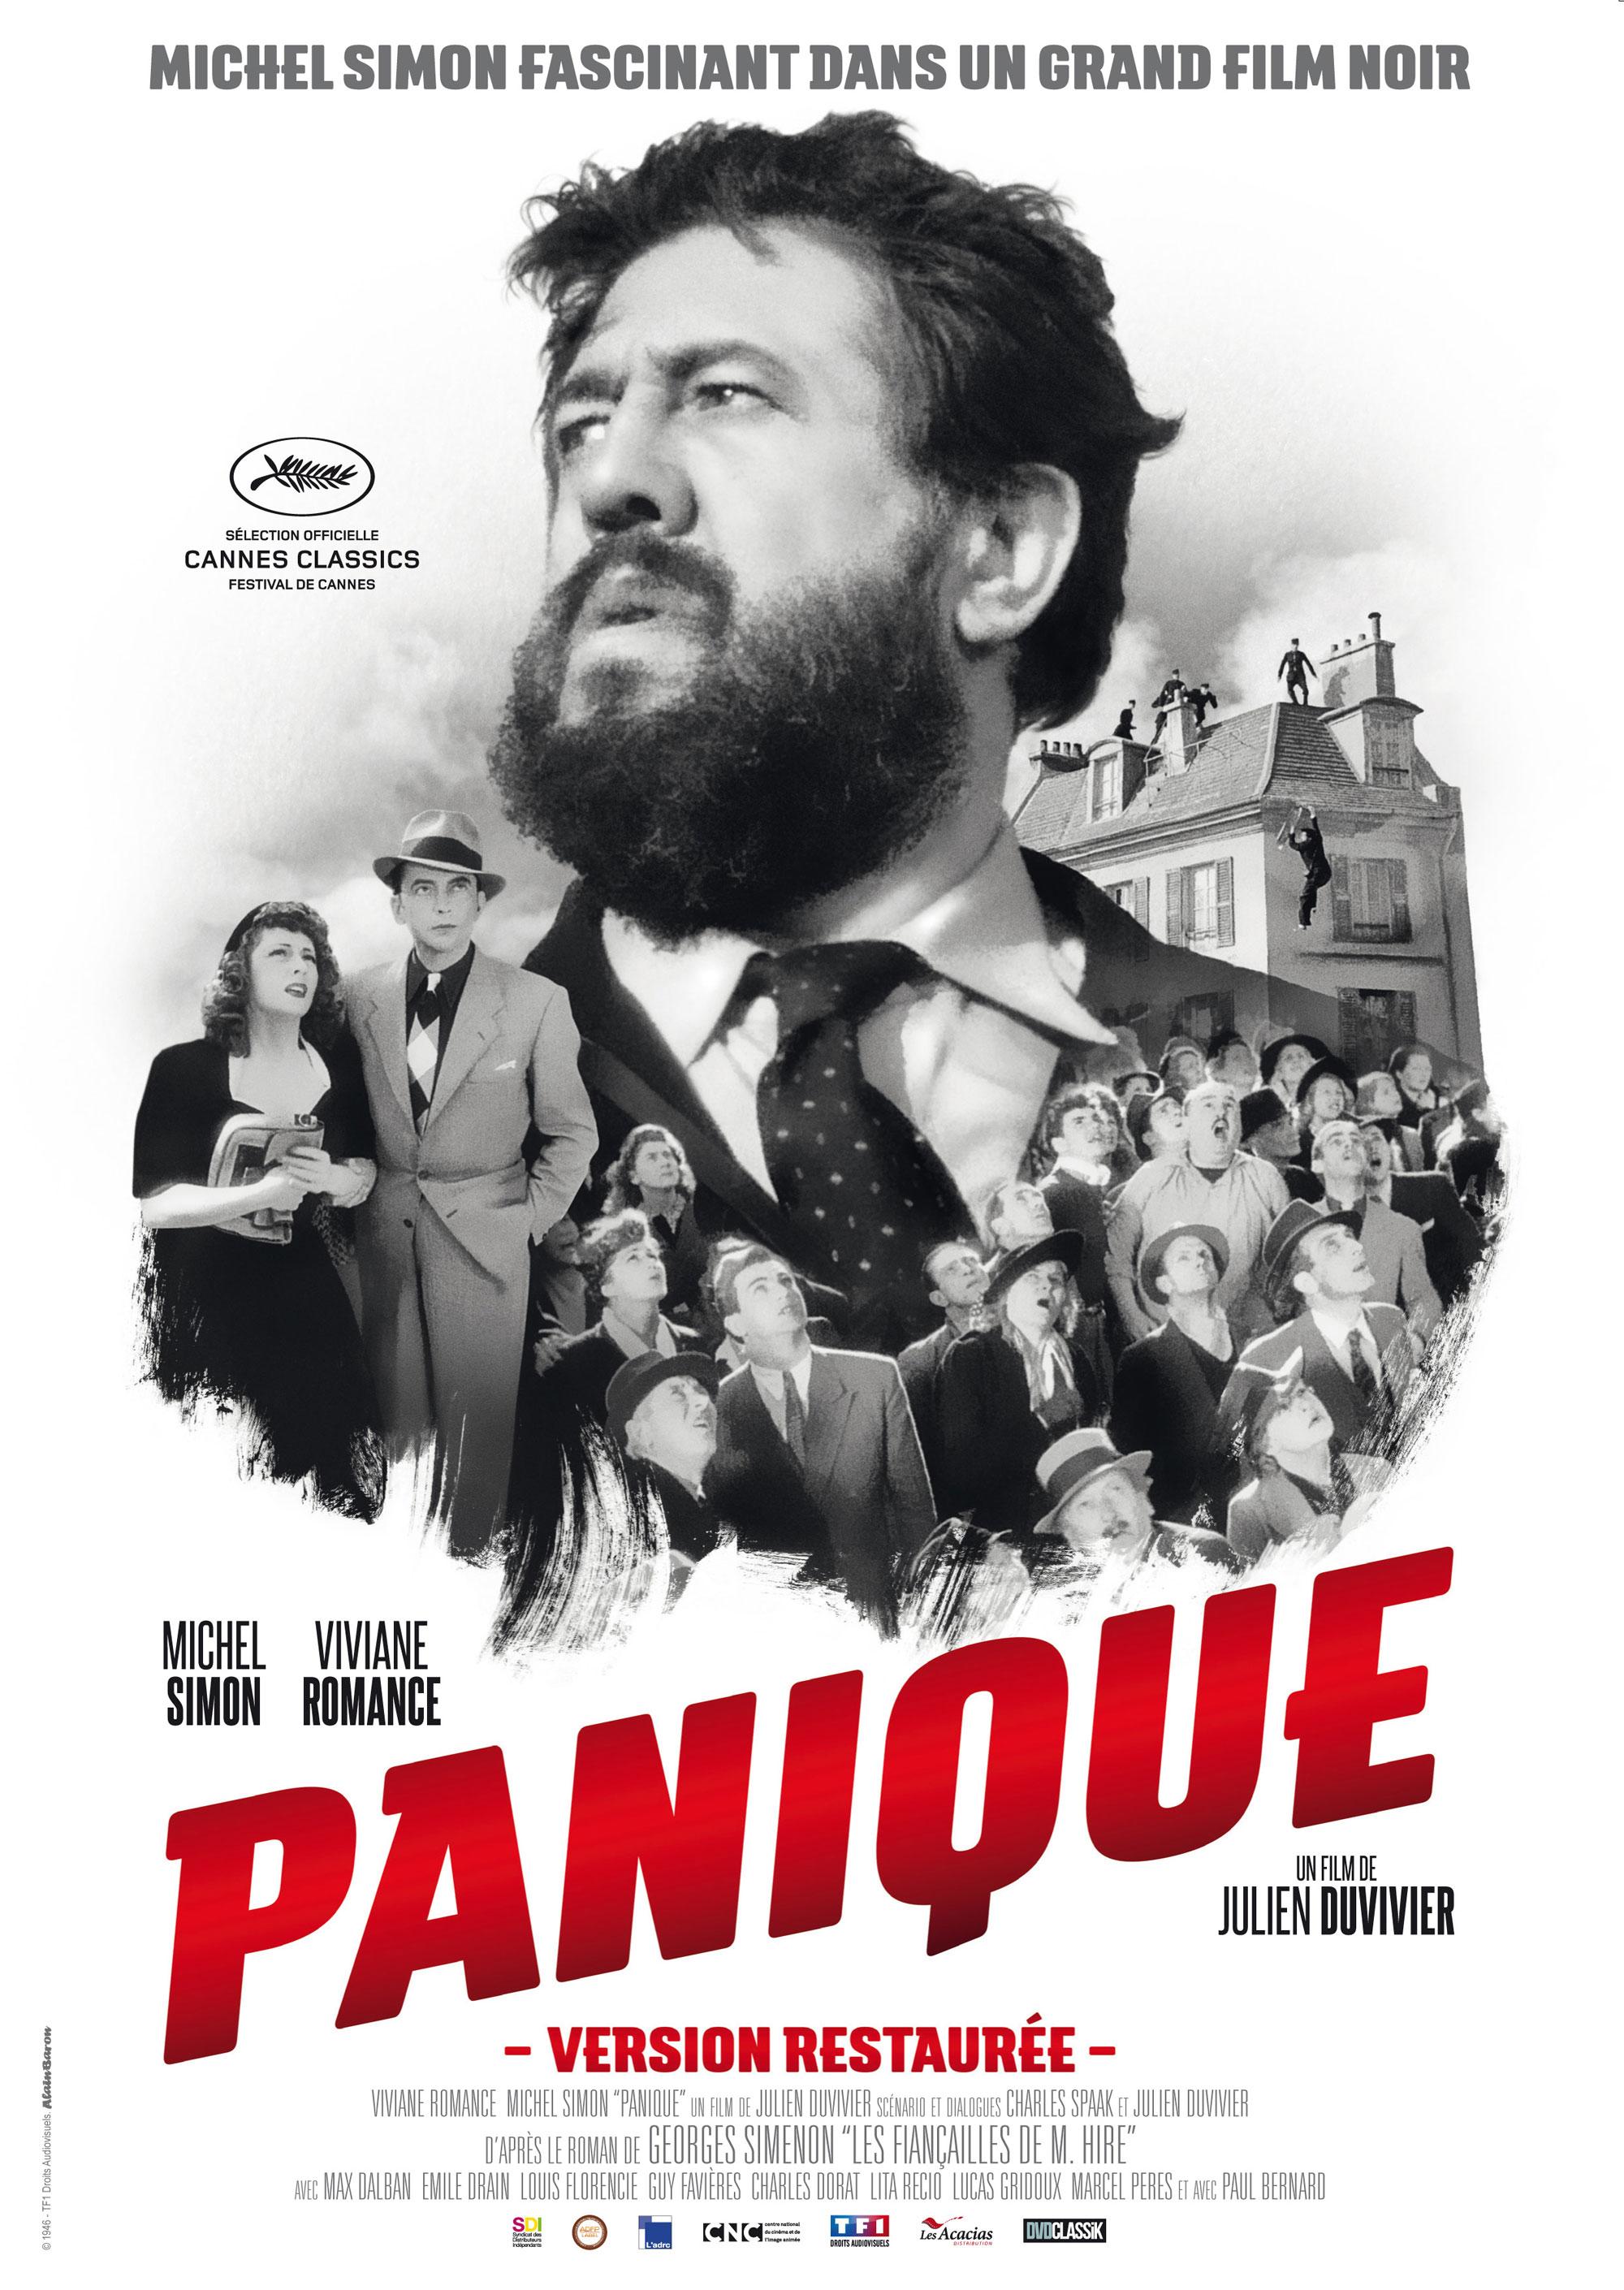 Panique - Affiche Rep. 2016